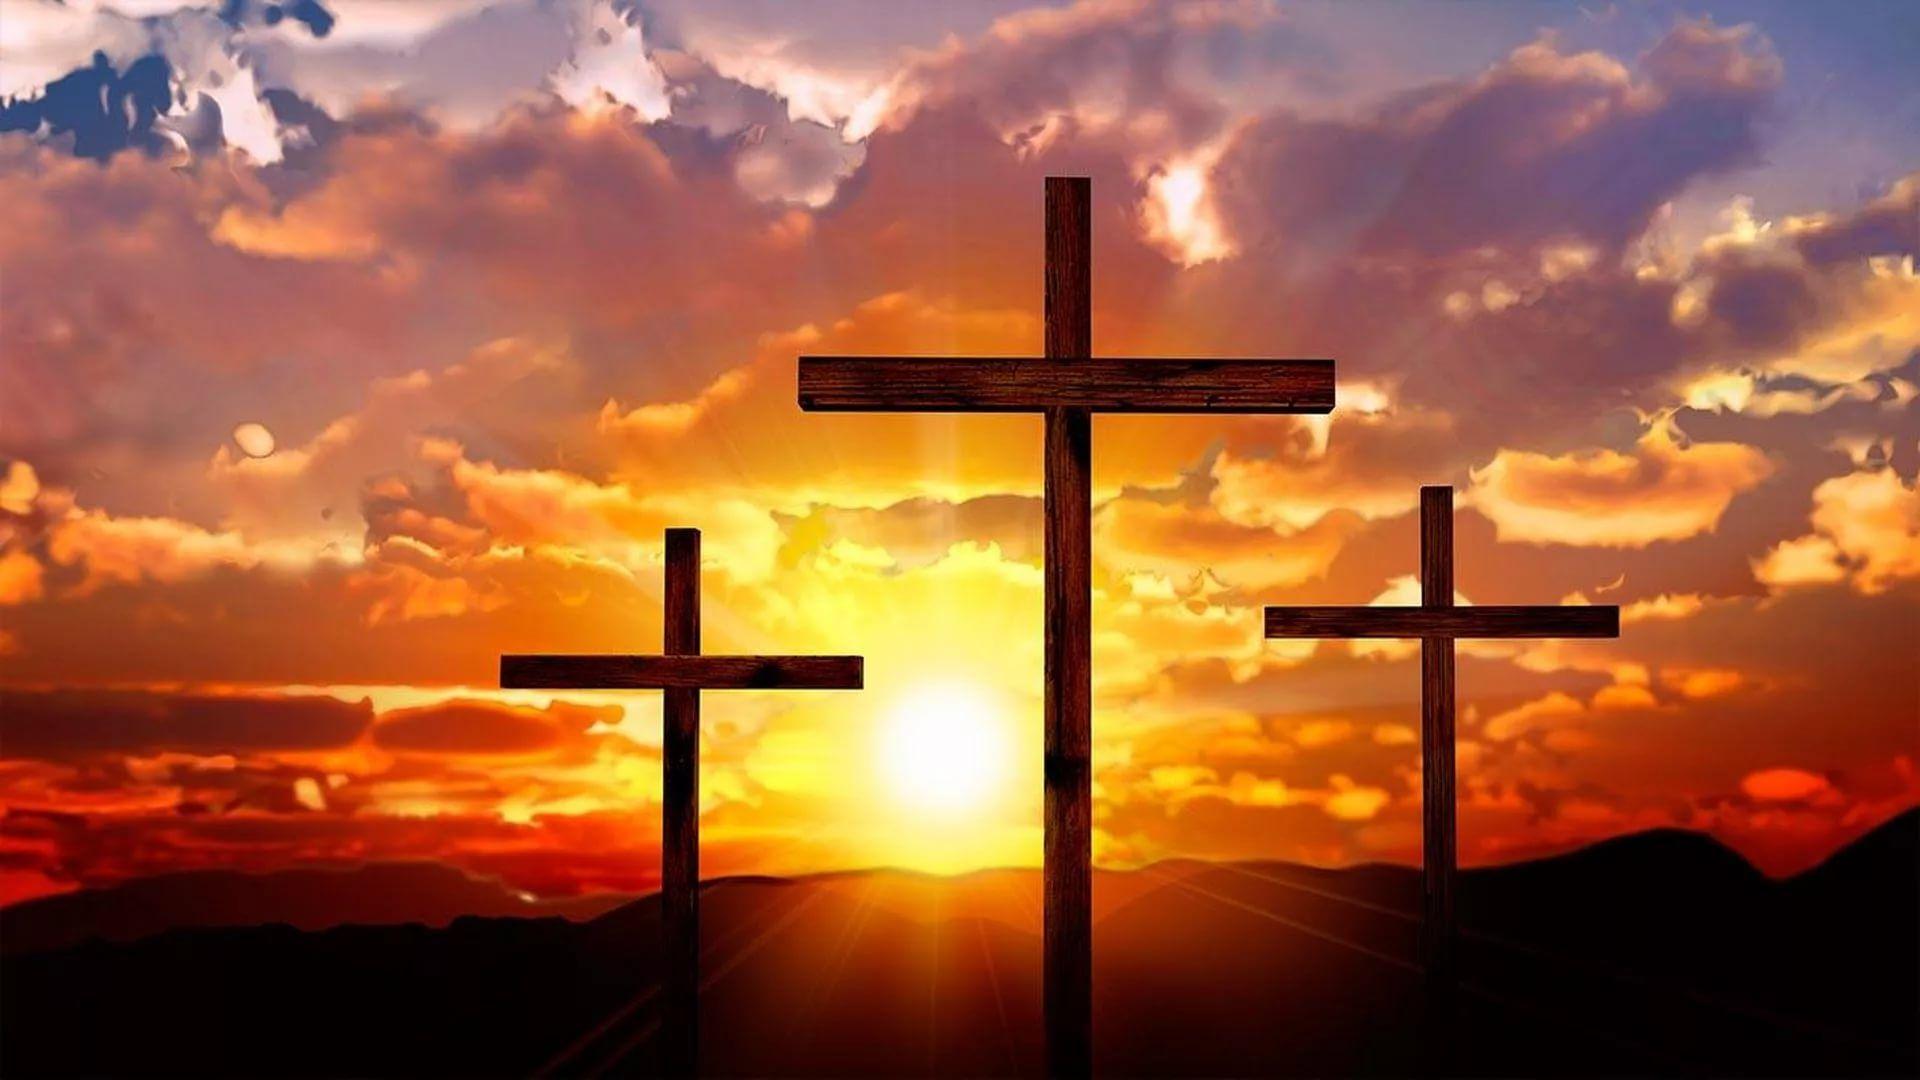 Jesus Cross good wallpaper